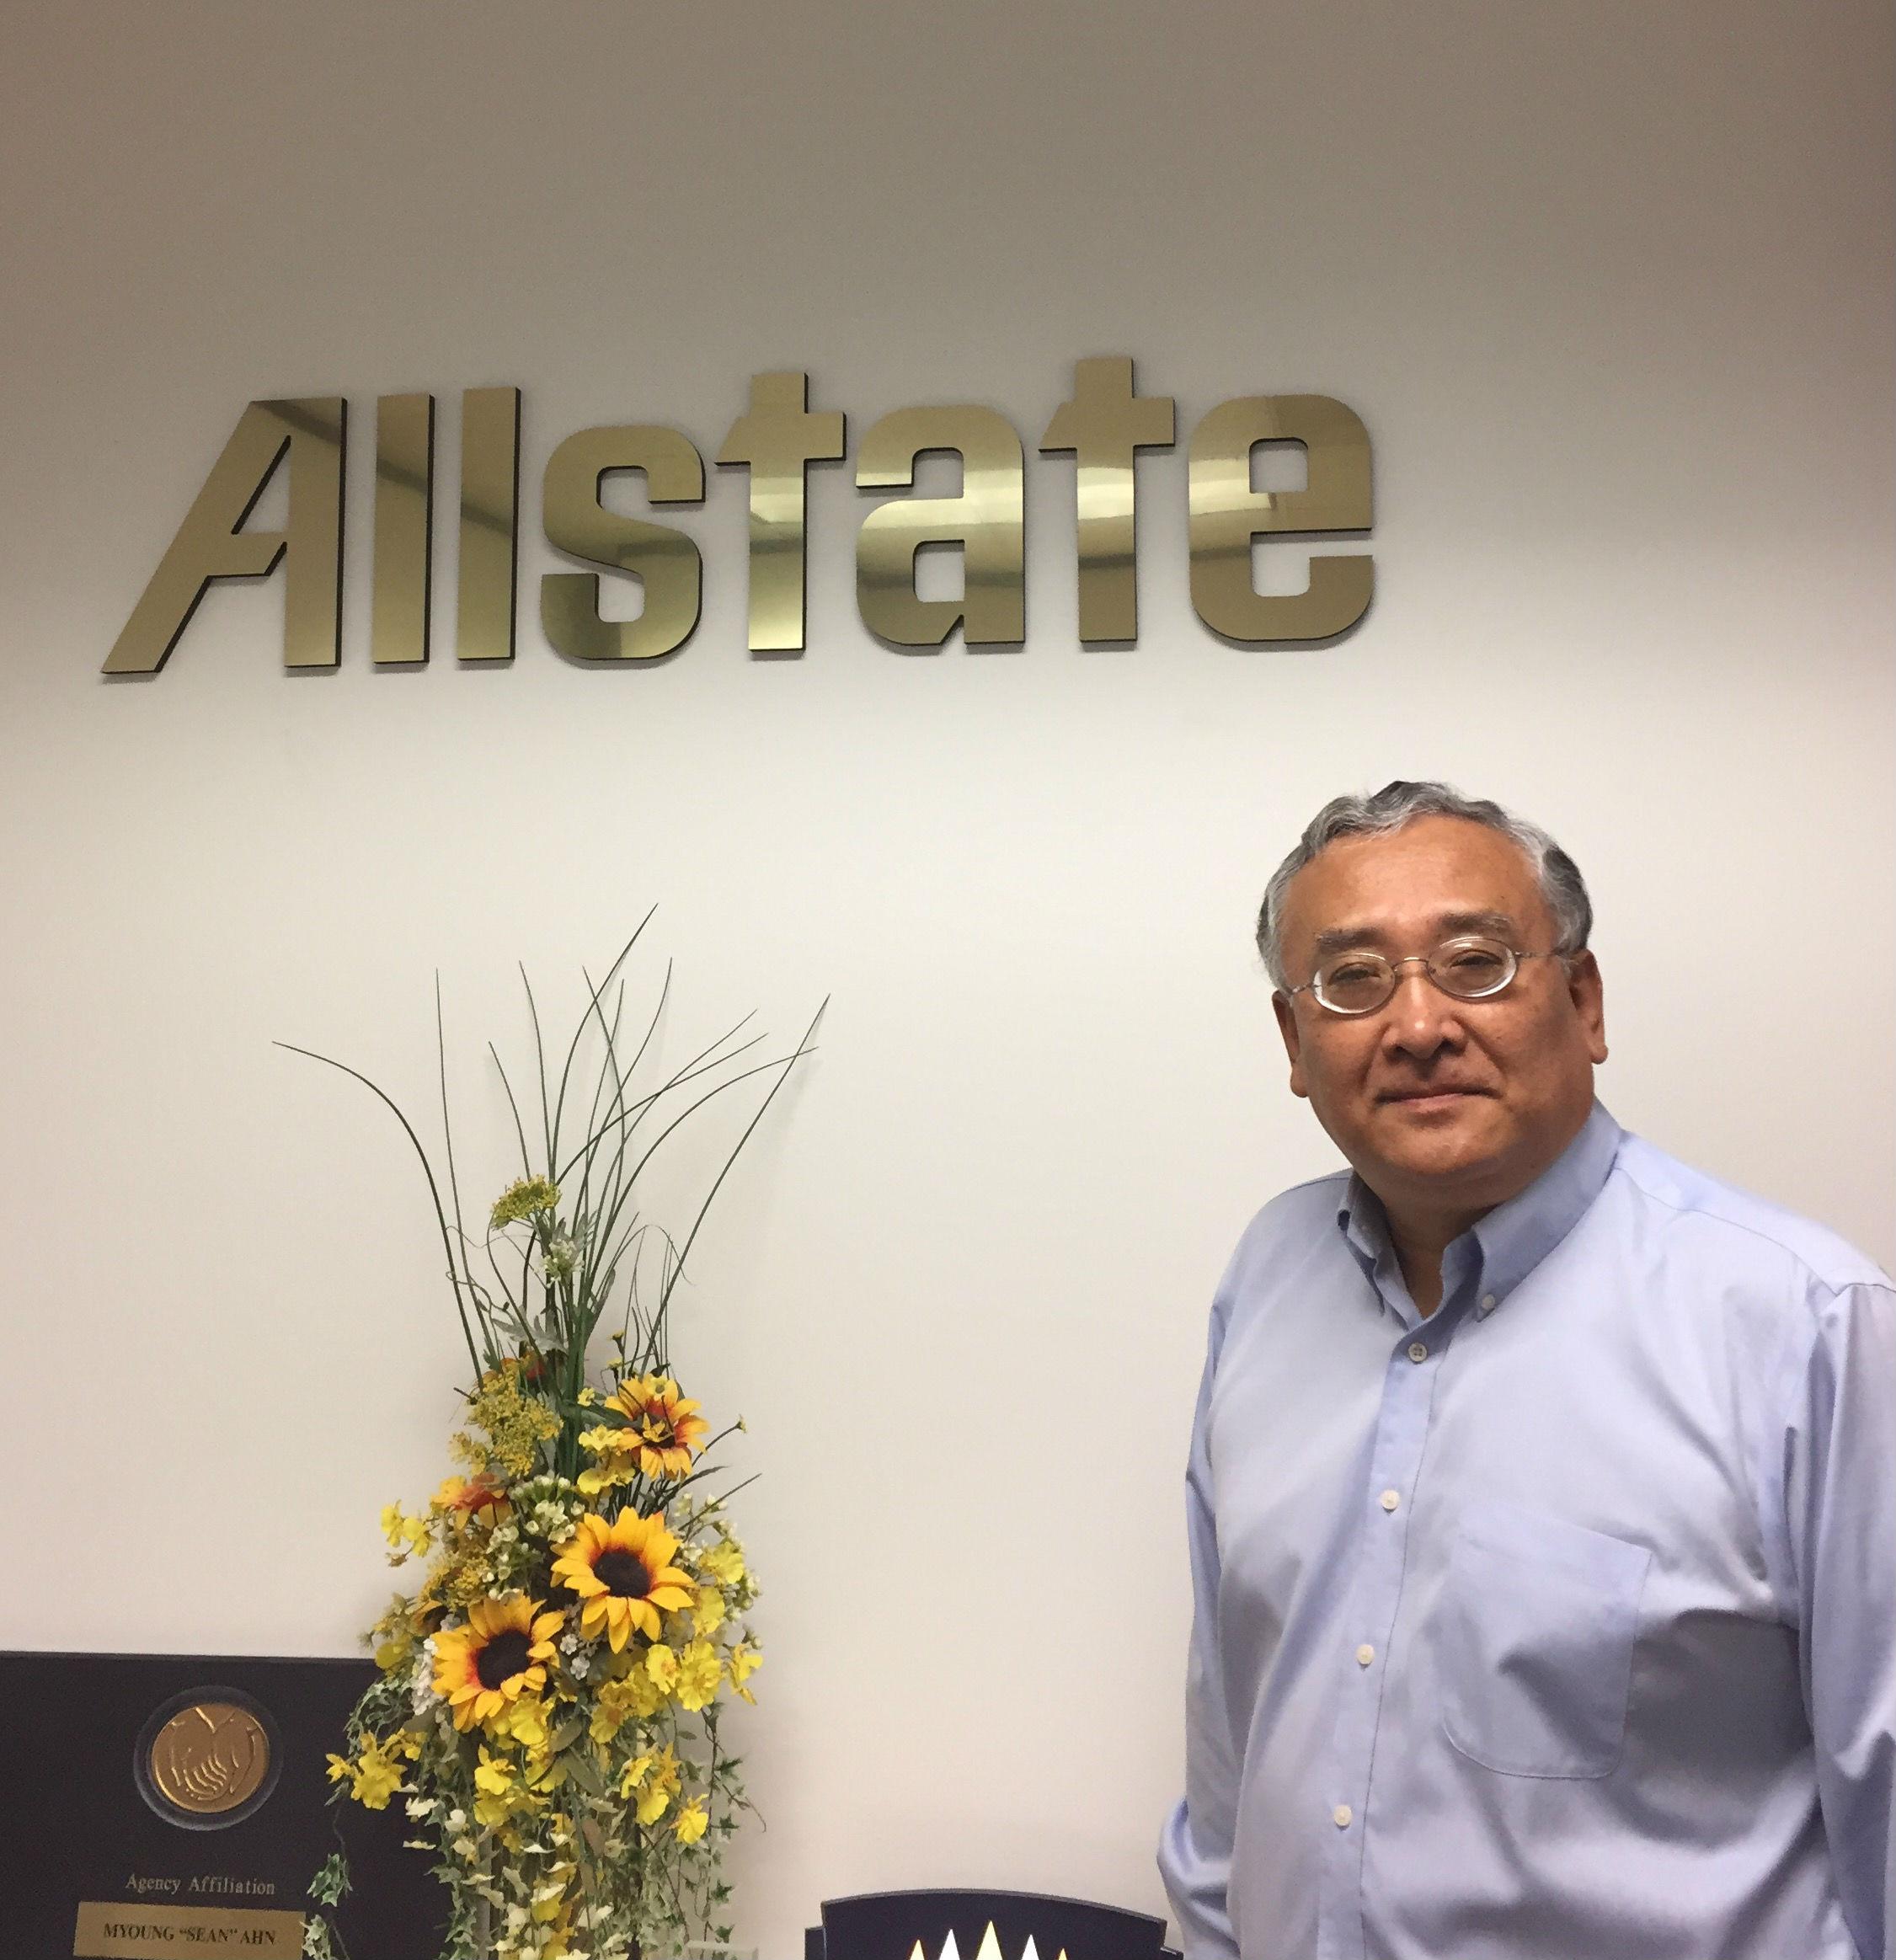 Sean Ahn: Allstate Insurance image 1